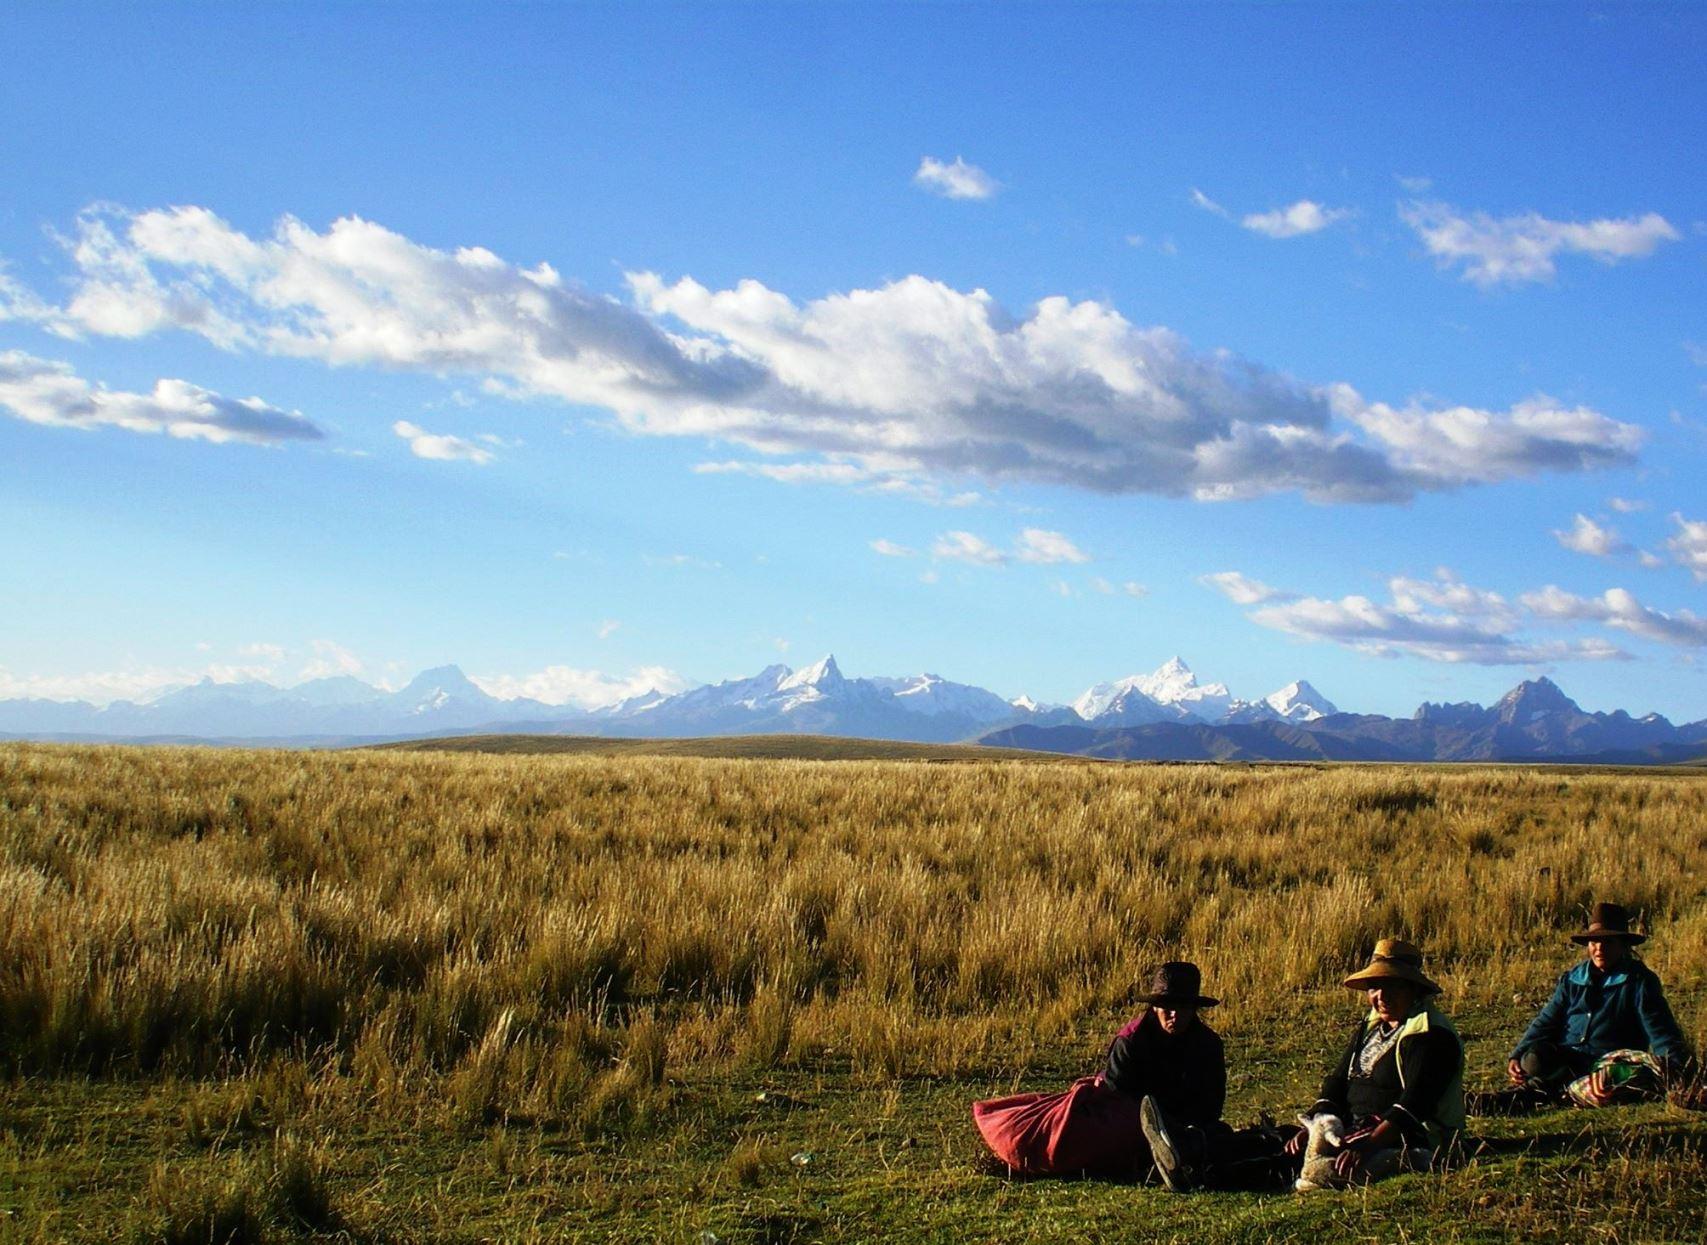 5月18日出発「南米ペルーアンデス ブランカ山群大展望&ワイワッシュ山群トレッキング 14日間」